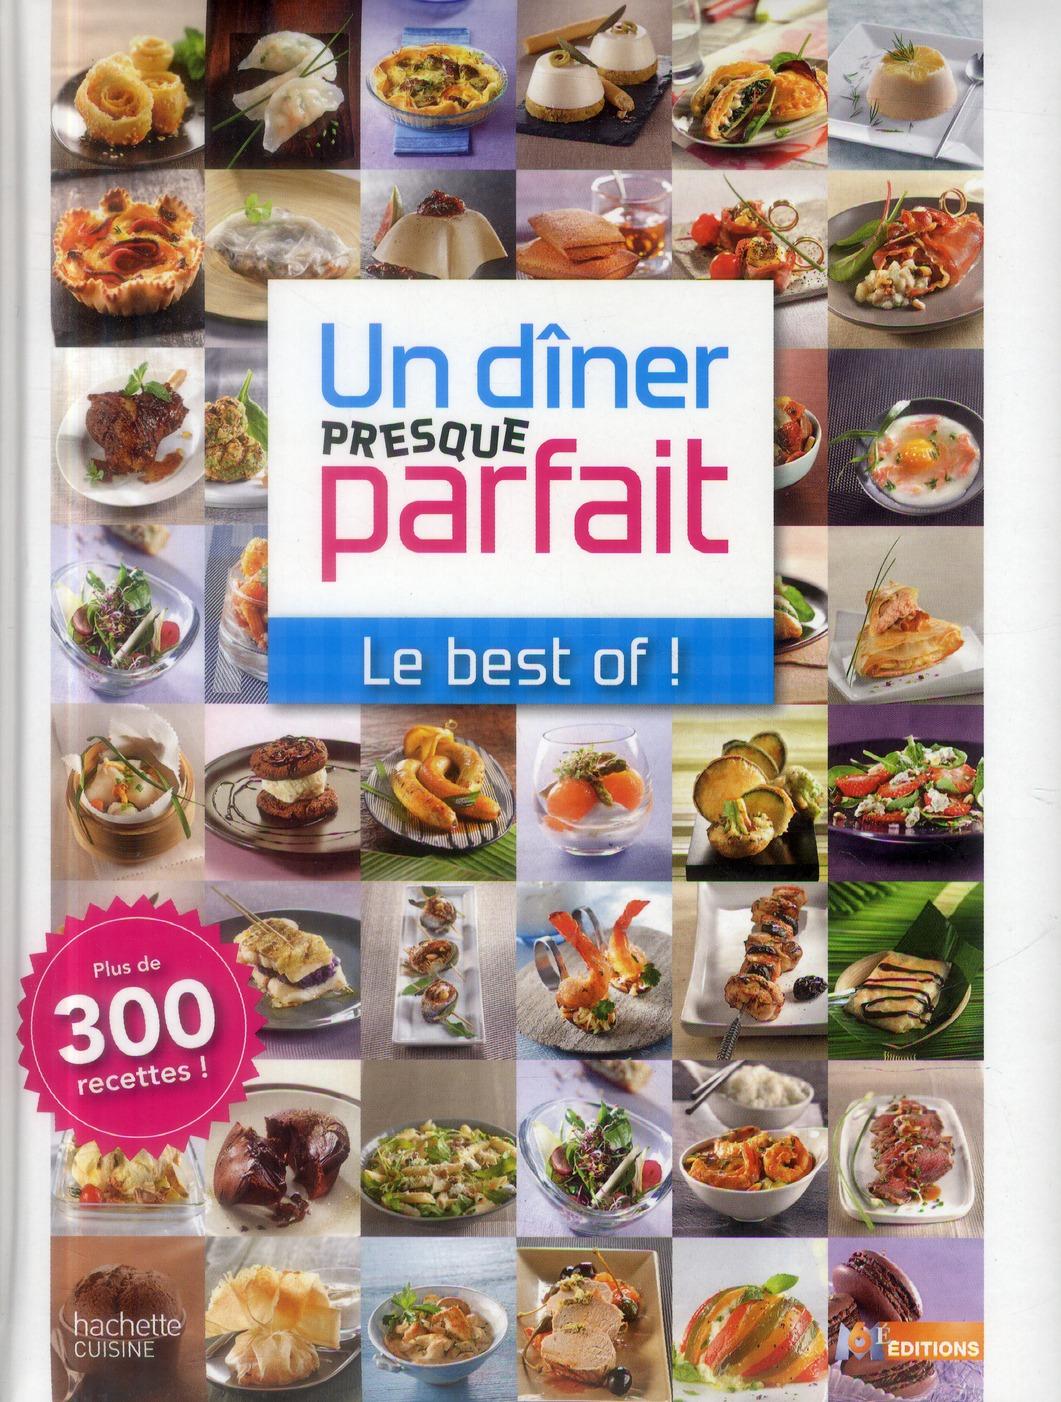 UN DINER PRESQUE PARFAIT - LE BEST OF !